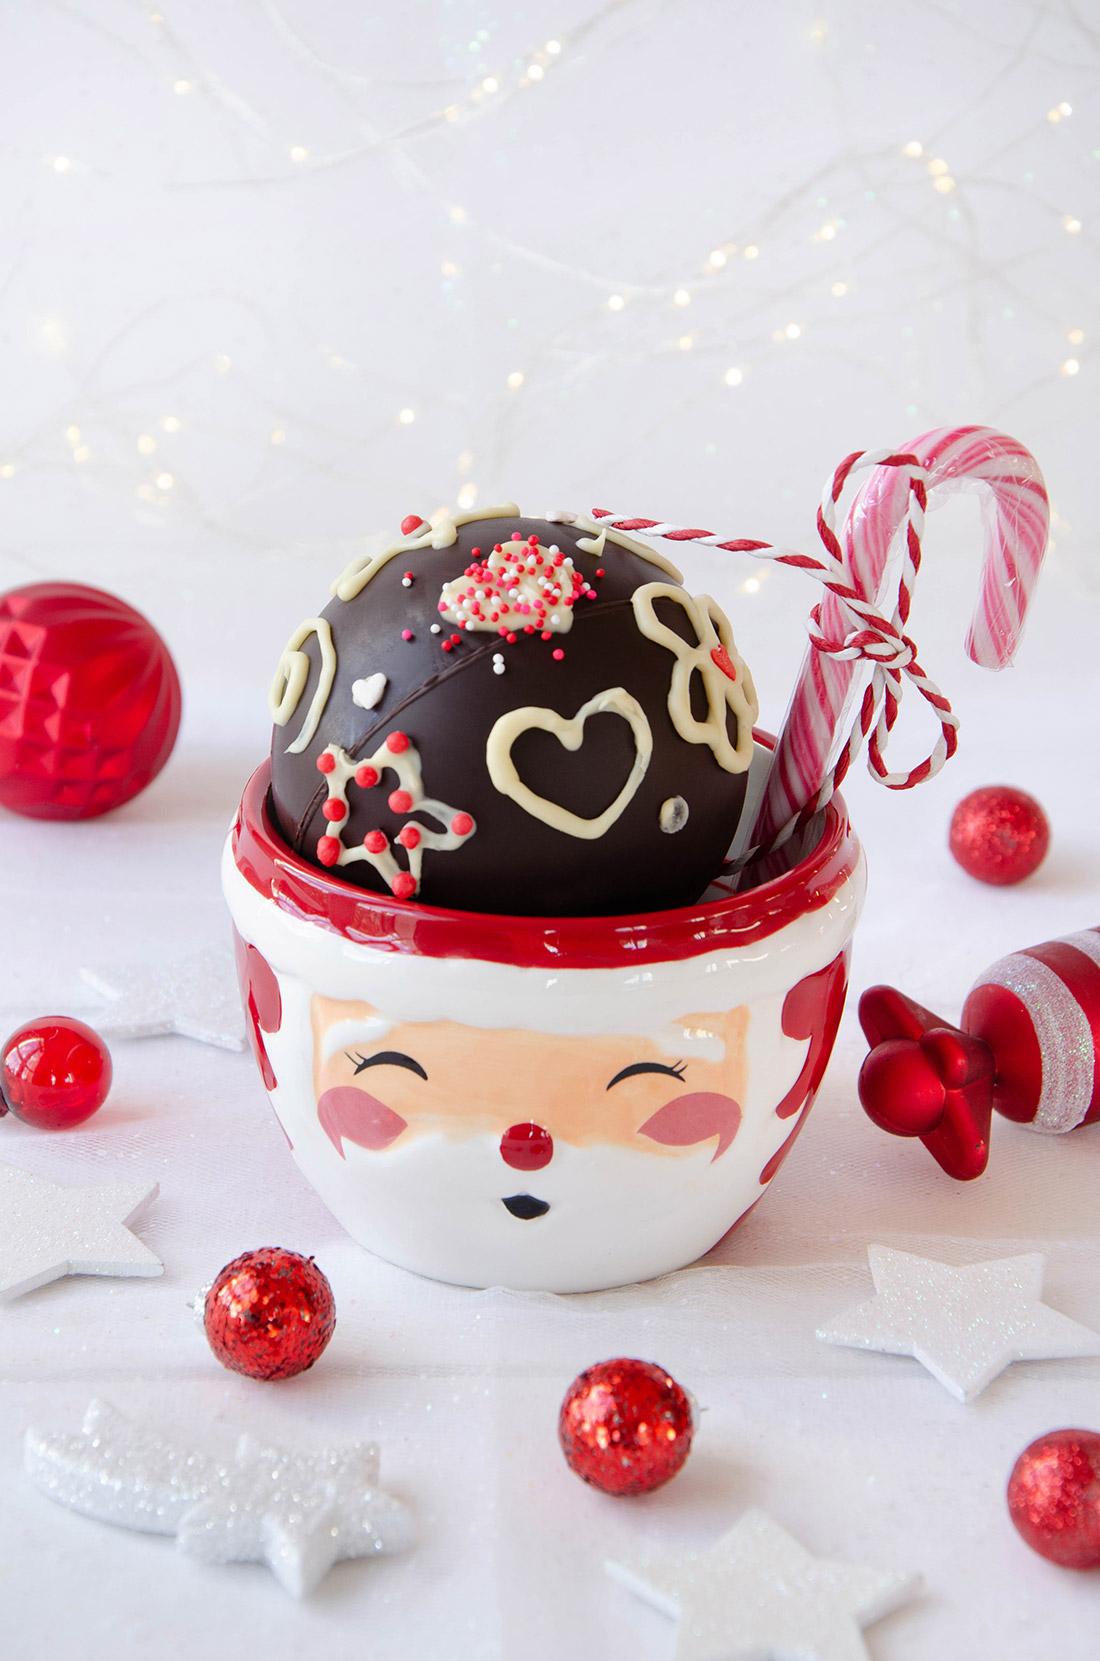 Recette de cadeau gourmand facile : une bombe à chocolat chaud